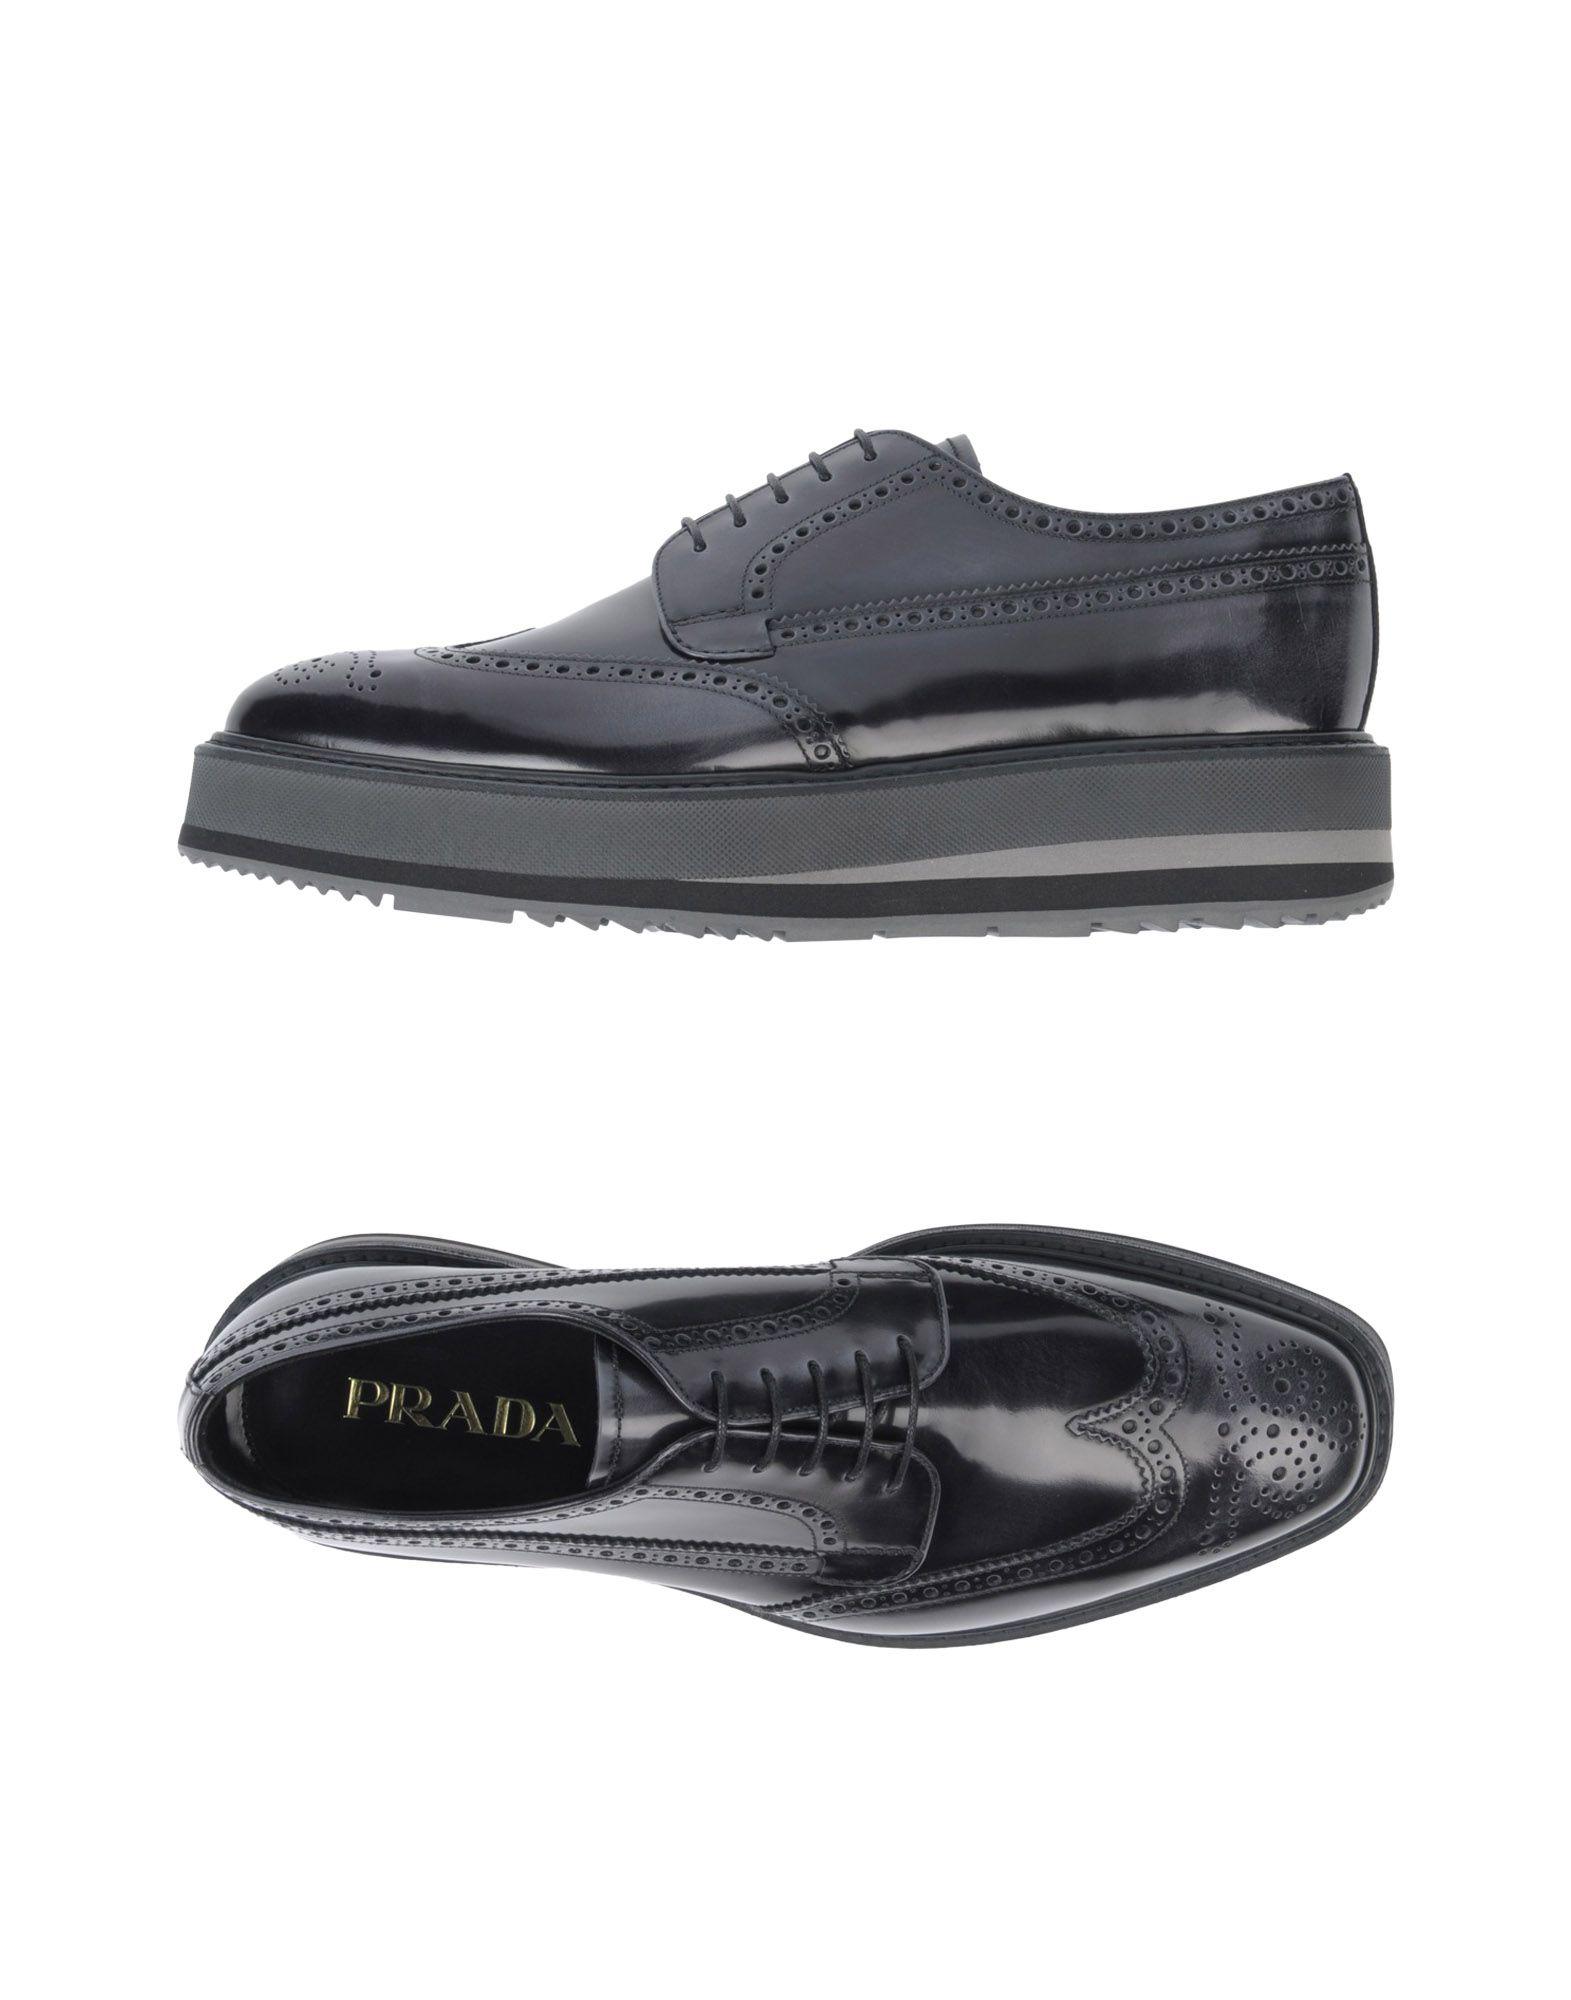 Prada Schnürschuhe Herren  11511198PC Gute Qualität beliebte Schuhe